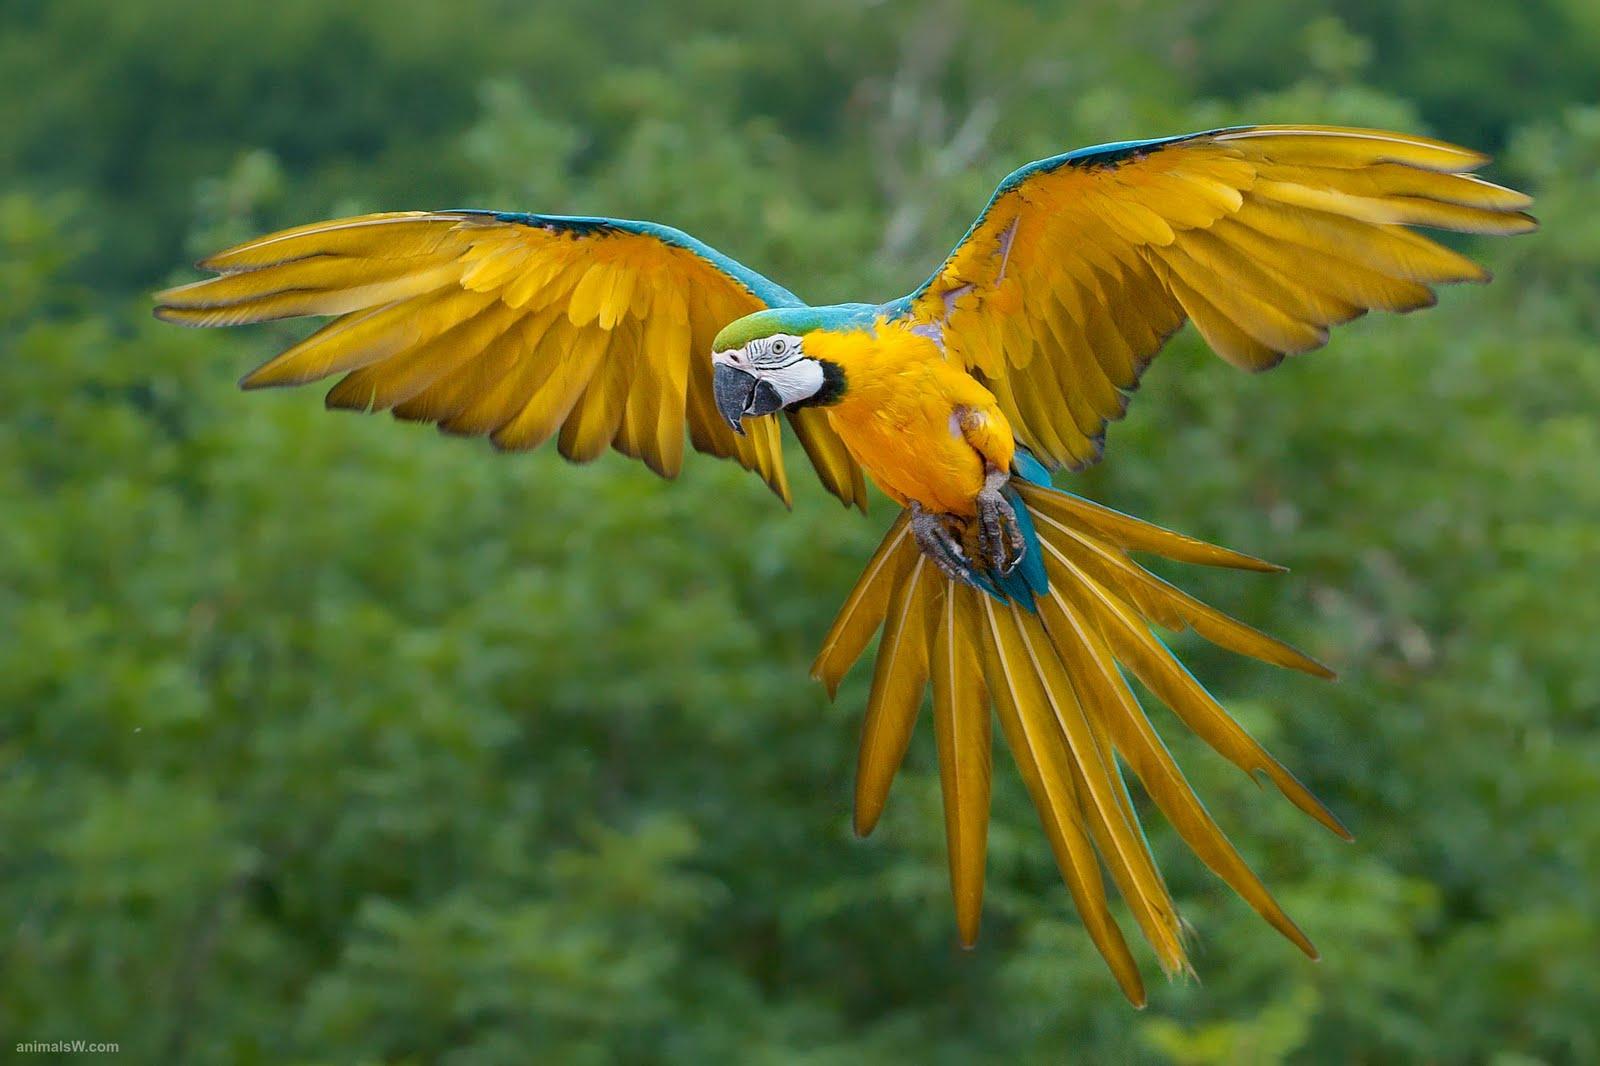 http://2.bp.blogspot.com/-c4on0RB2xeA/TZgNlhyqzvI/AAAAAAAAIEQ/QfoGNtOH_Fg/s1600/bird_wallpaper_desktop_wallpapers_Blue%20and%20Yellow%20Macaw%20Birds-wallpaper.jpeg